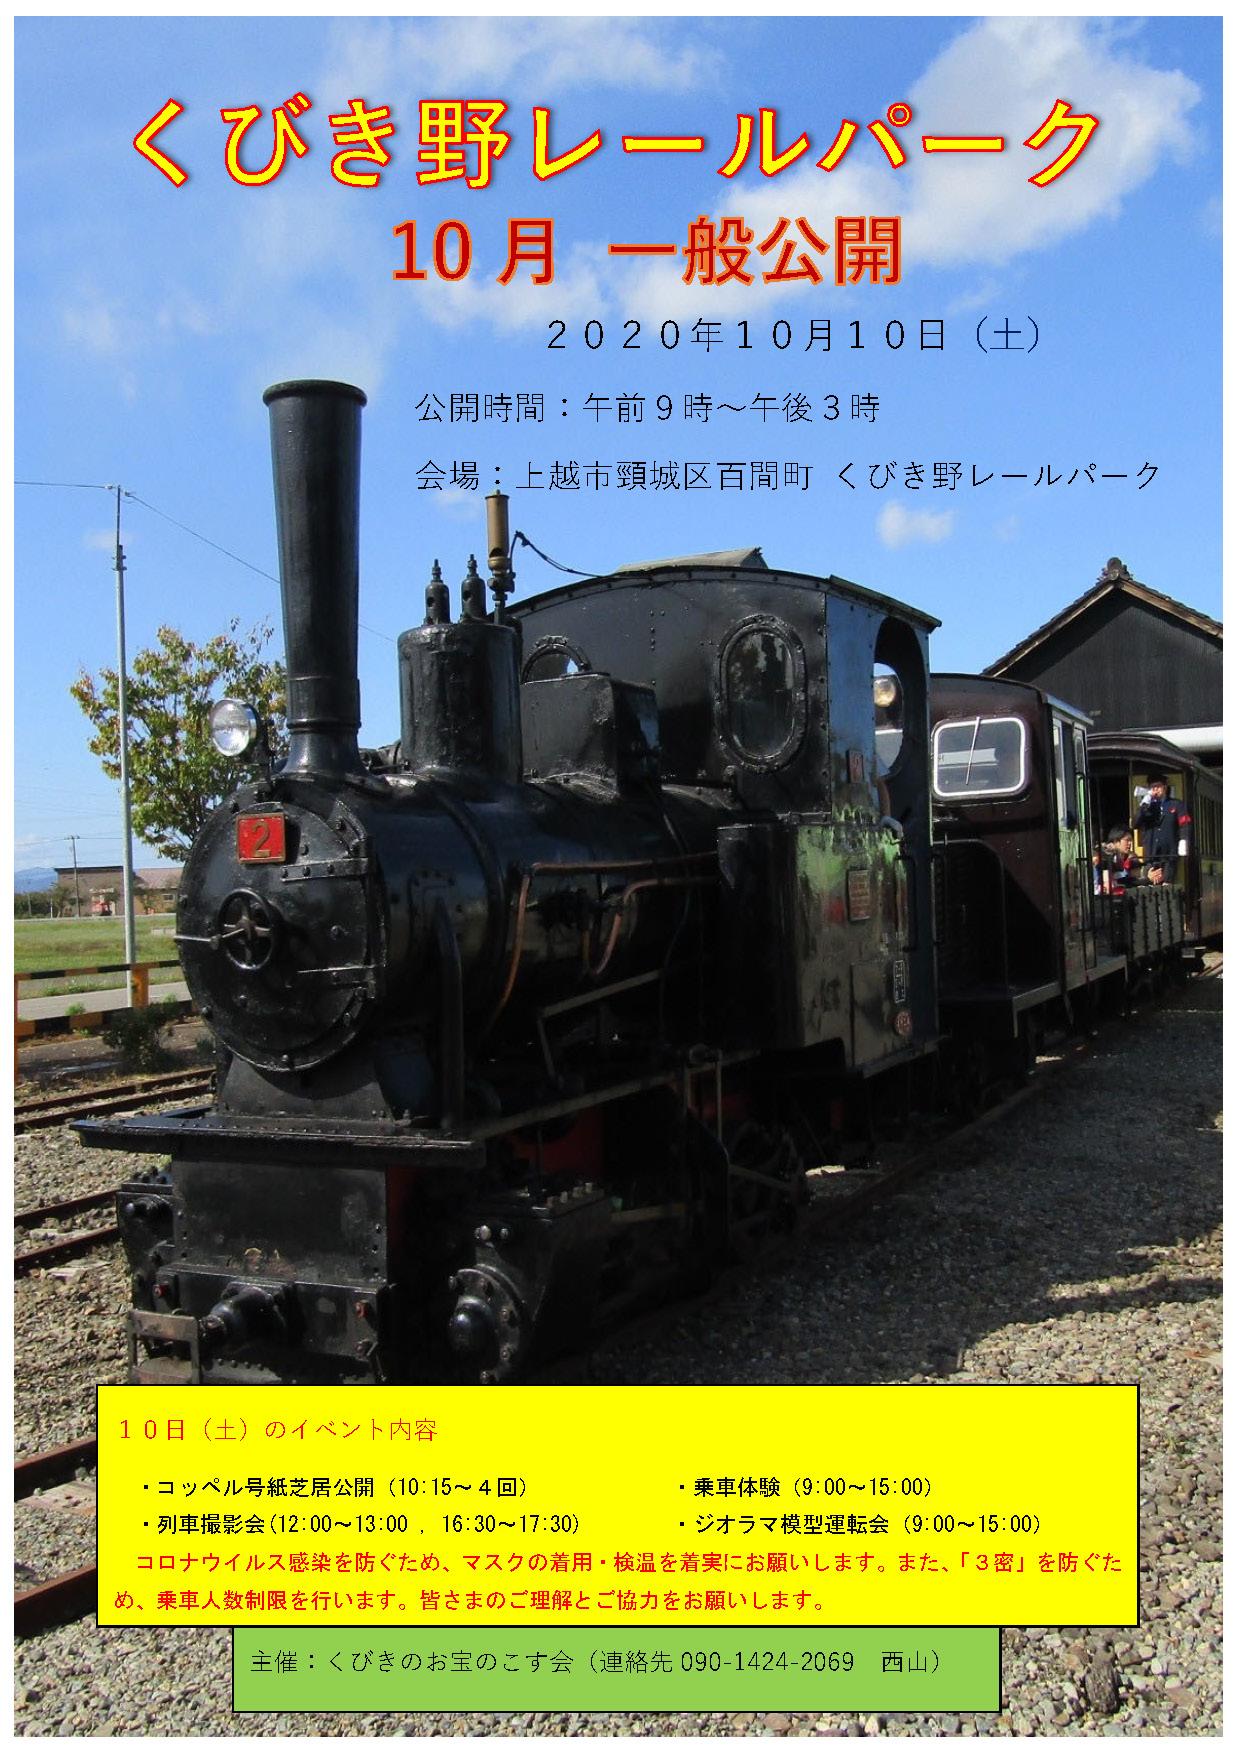 R2ー10月公開ポスター (1)